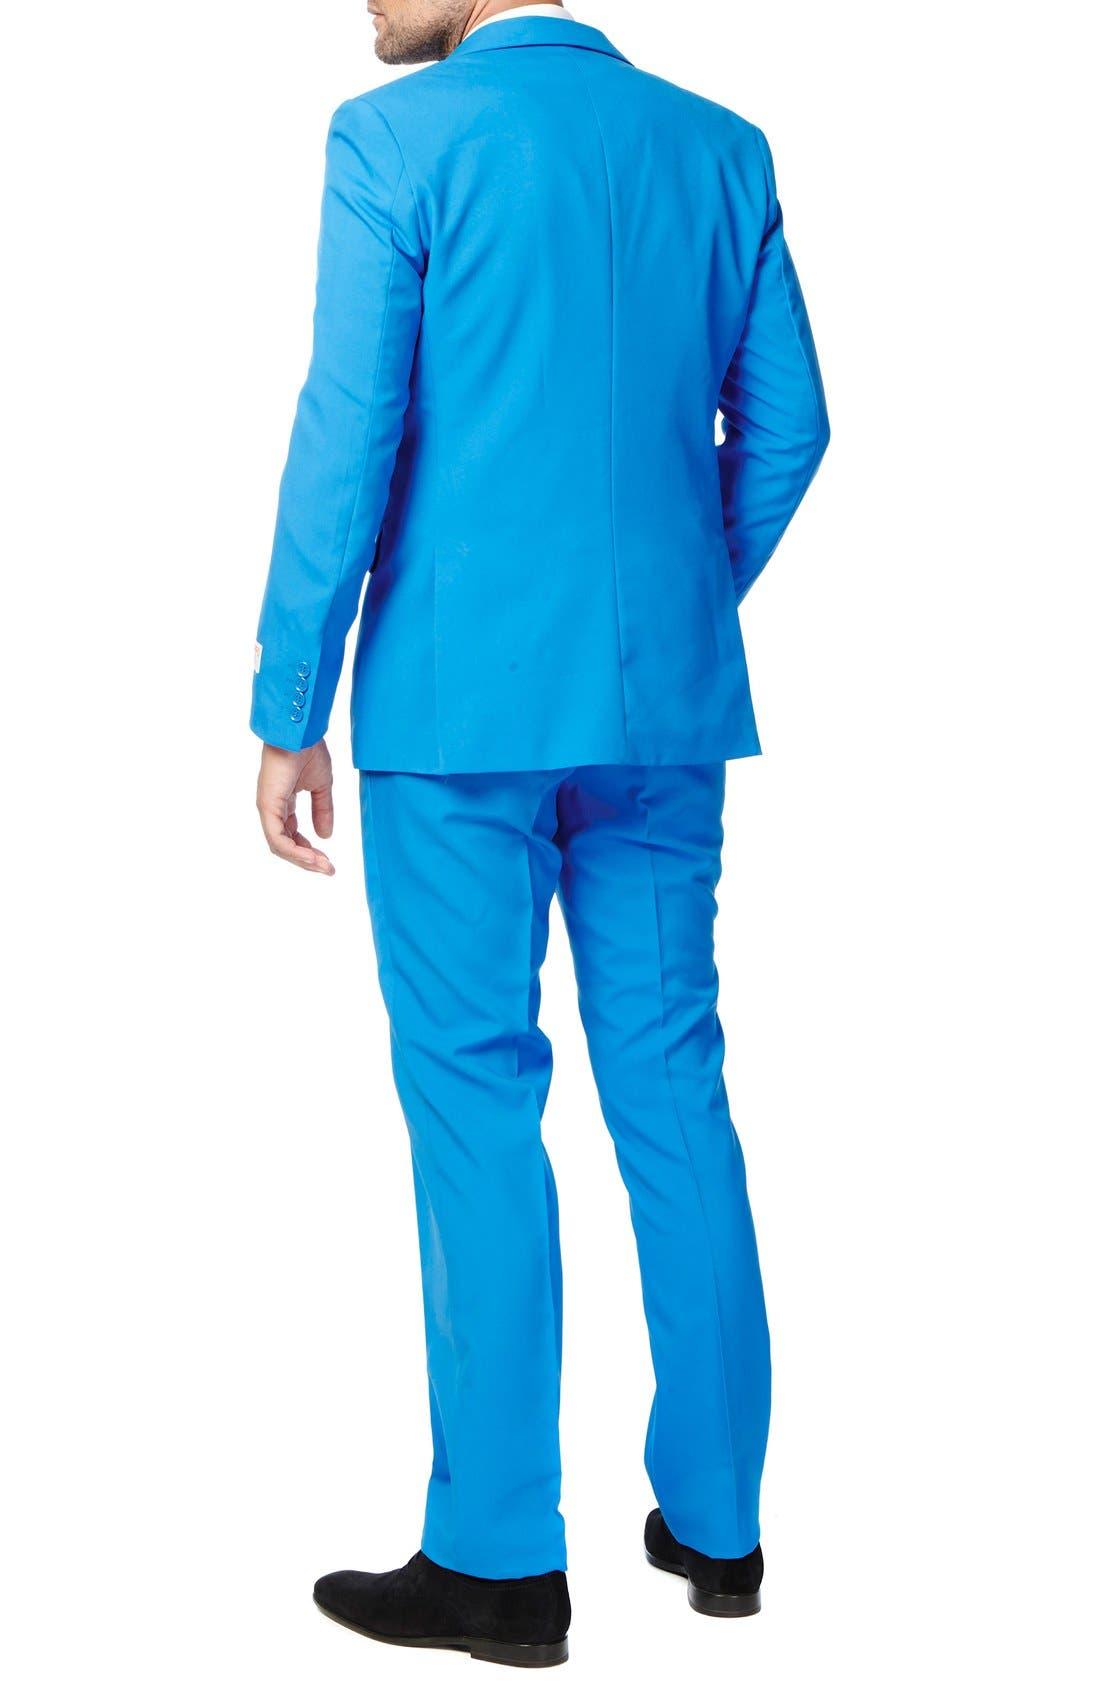 'Stars & Stripes' Trim Fit Suit with Tie,                             Alternate thumbnail 2, color,                             Blue